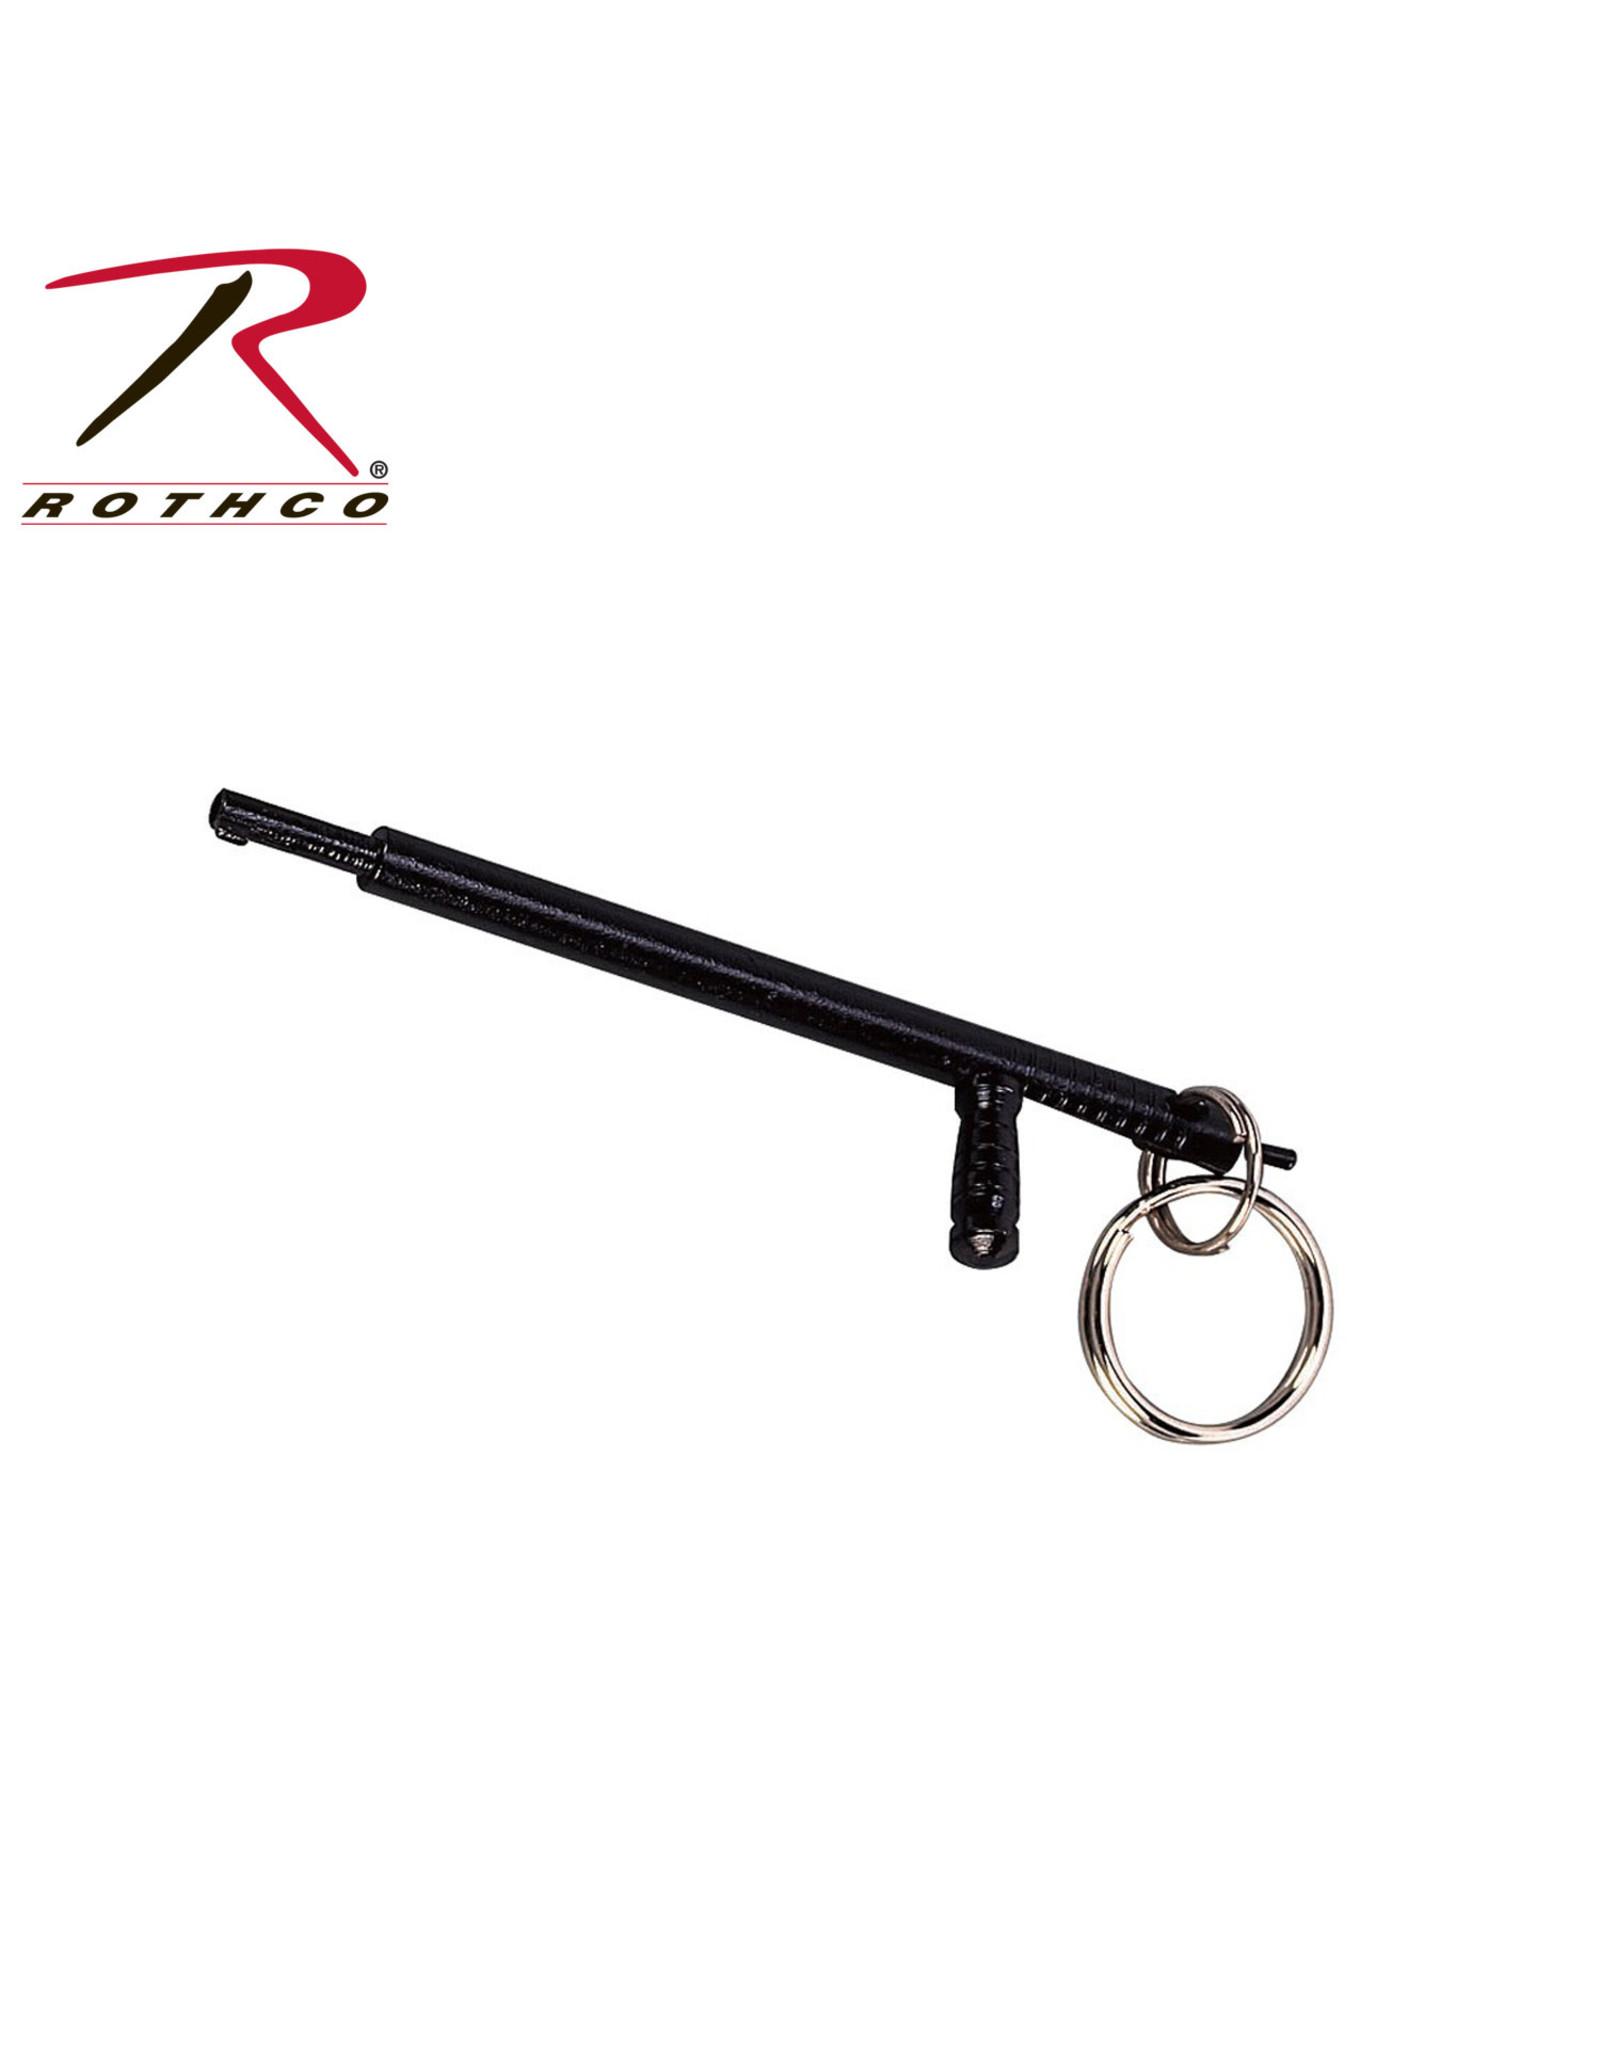 Universal Handcuff Key - Baton Style